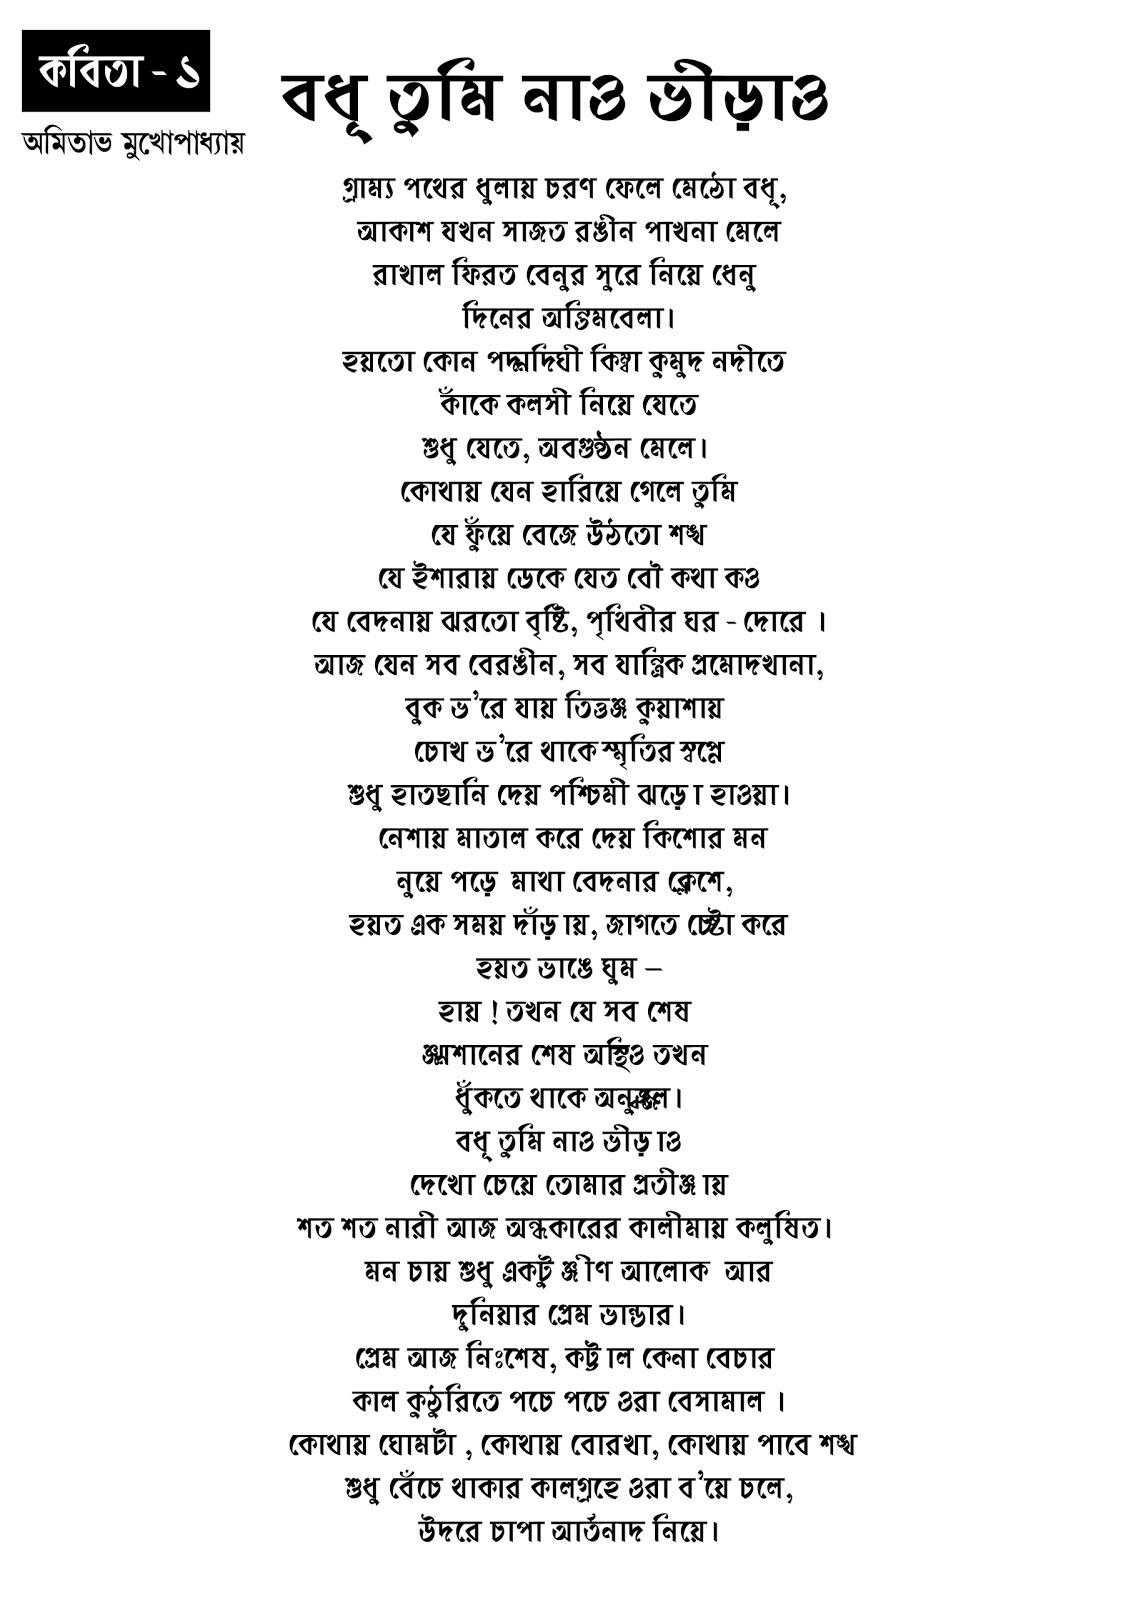 Poem in me - 3 part 1